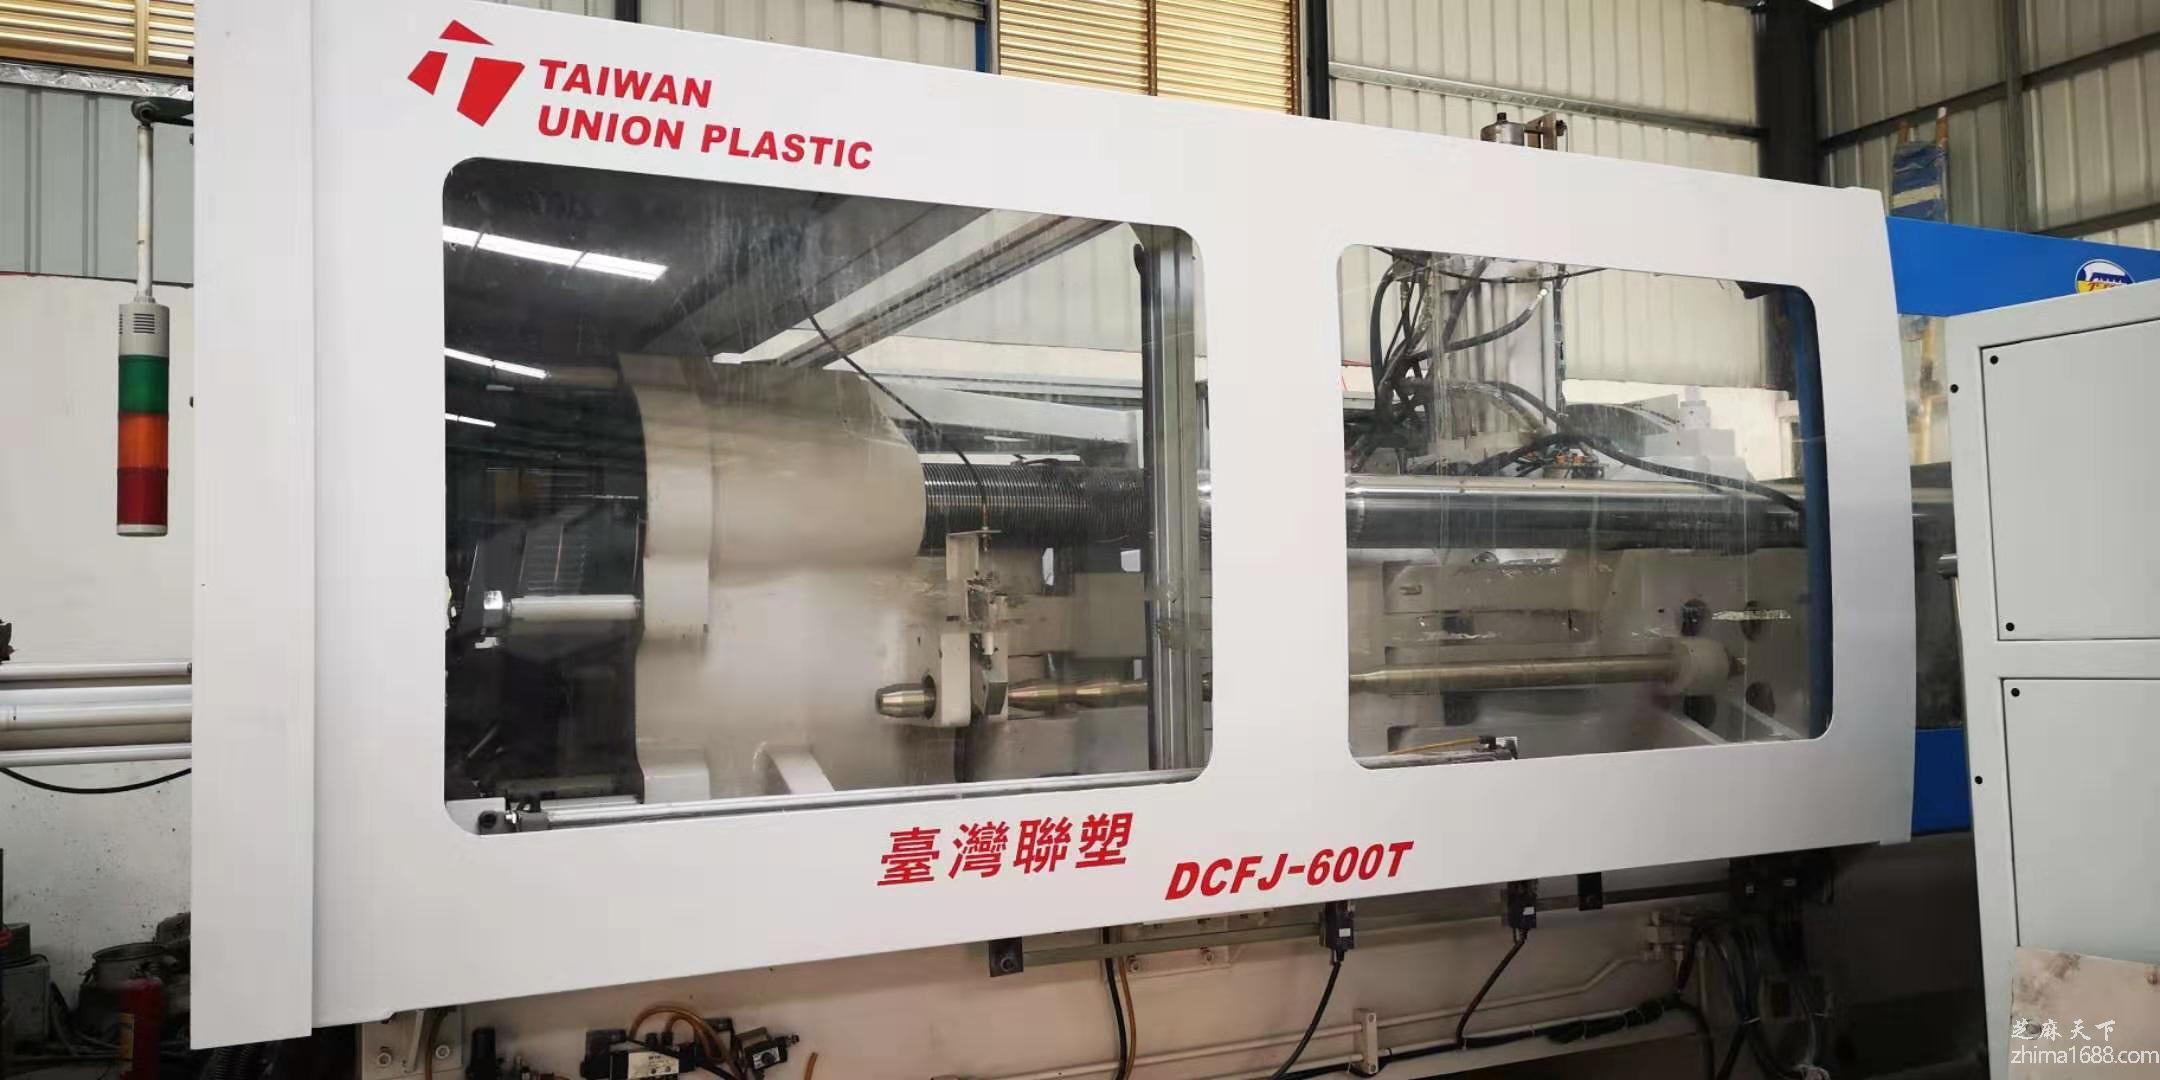 二手台湾联塑600双色注塑机